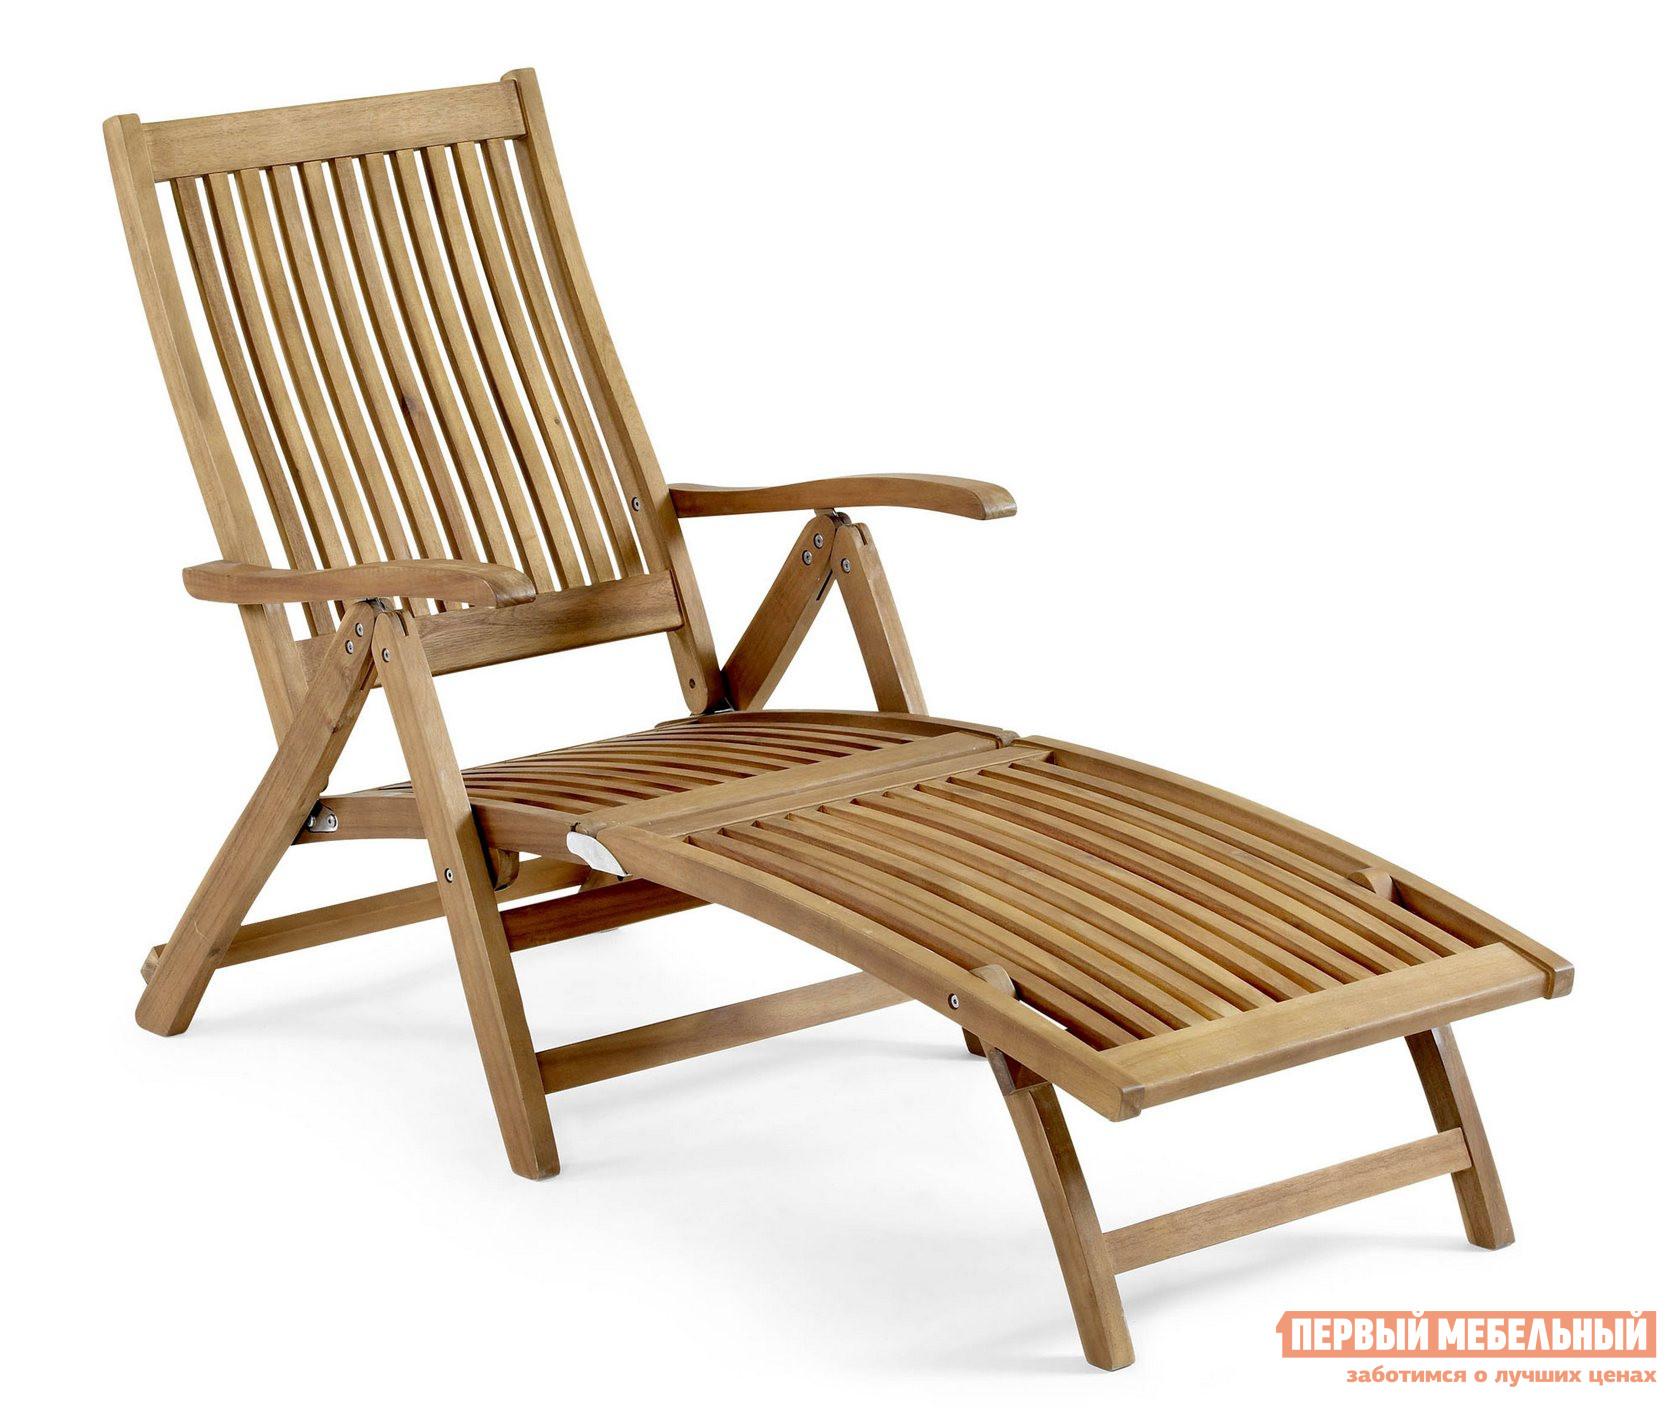 Шезлонг Шведская линия Everton 10748 садовая мебель everton